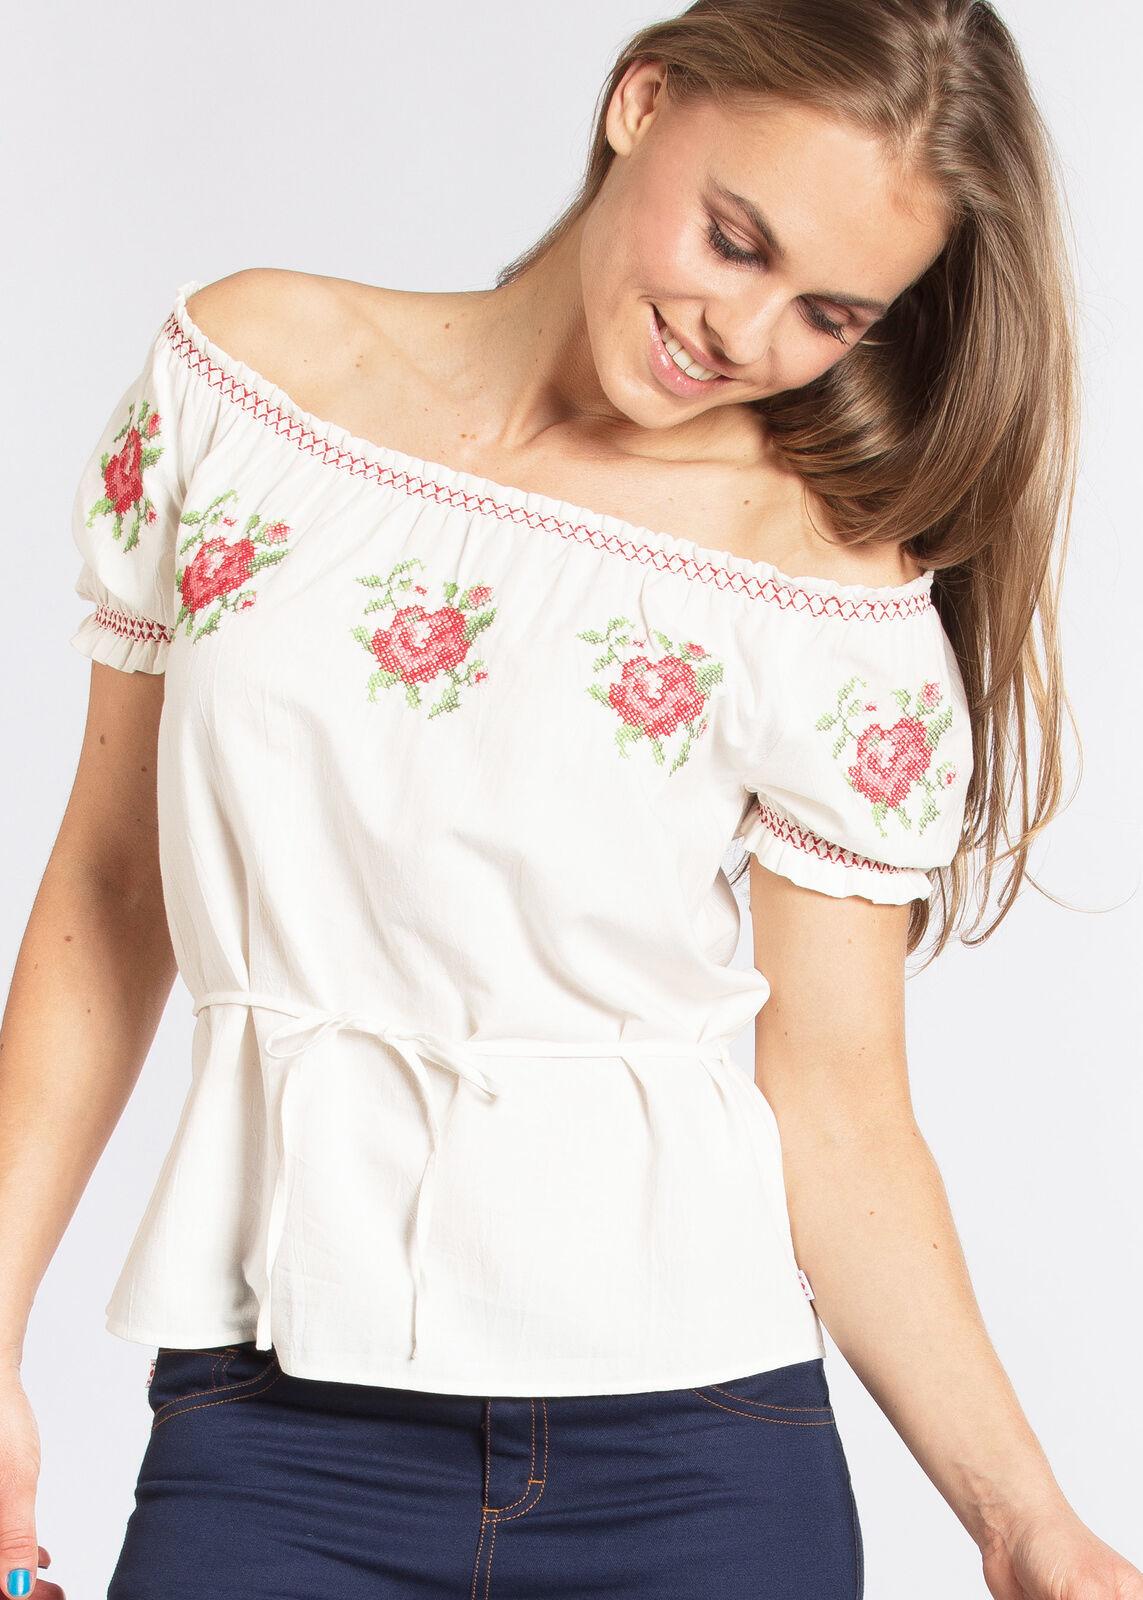 Blautsgeschwister Damen Blause Pennys blouse  001181-344-002 Neu 2018